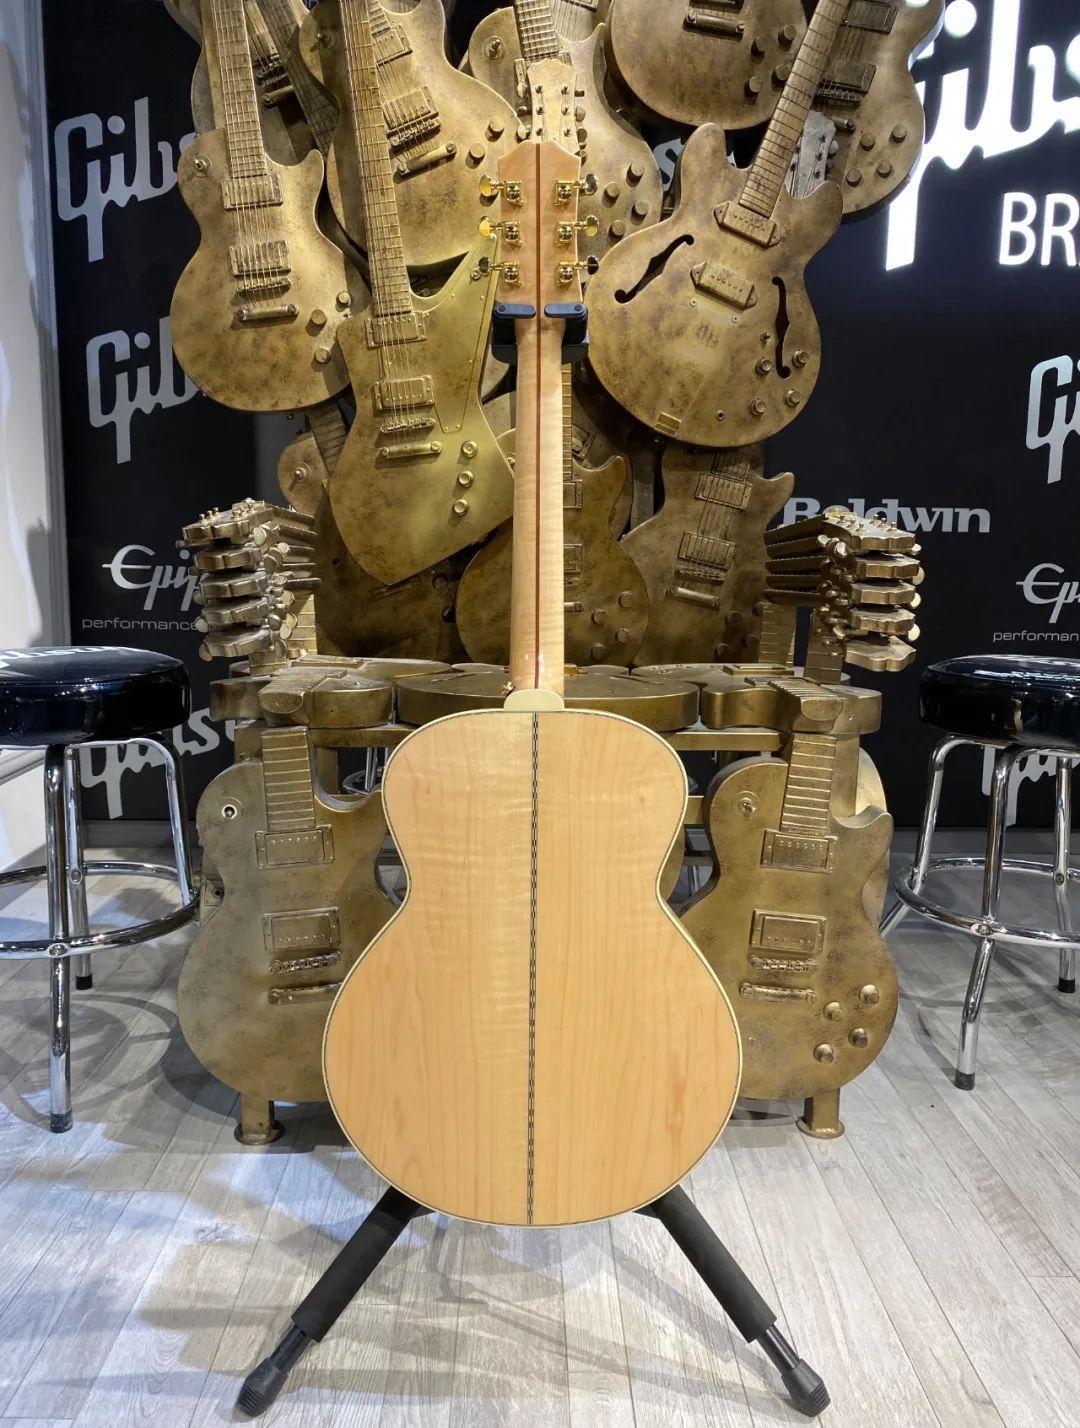 可能是易普风当前ZUI漂亮的三把原声吉他…